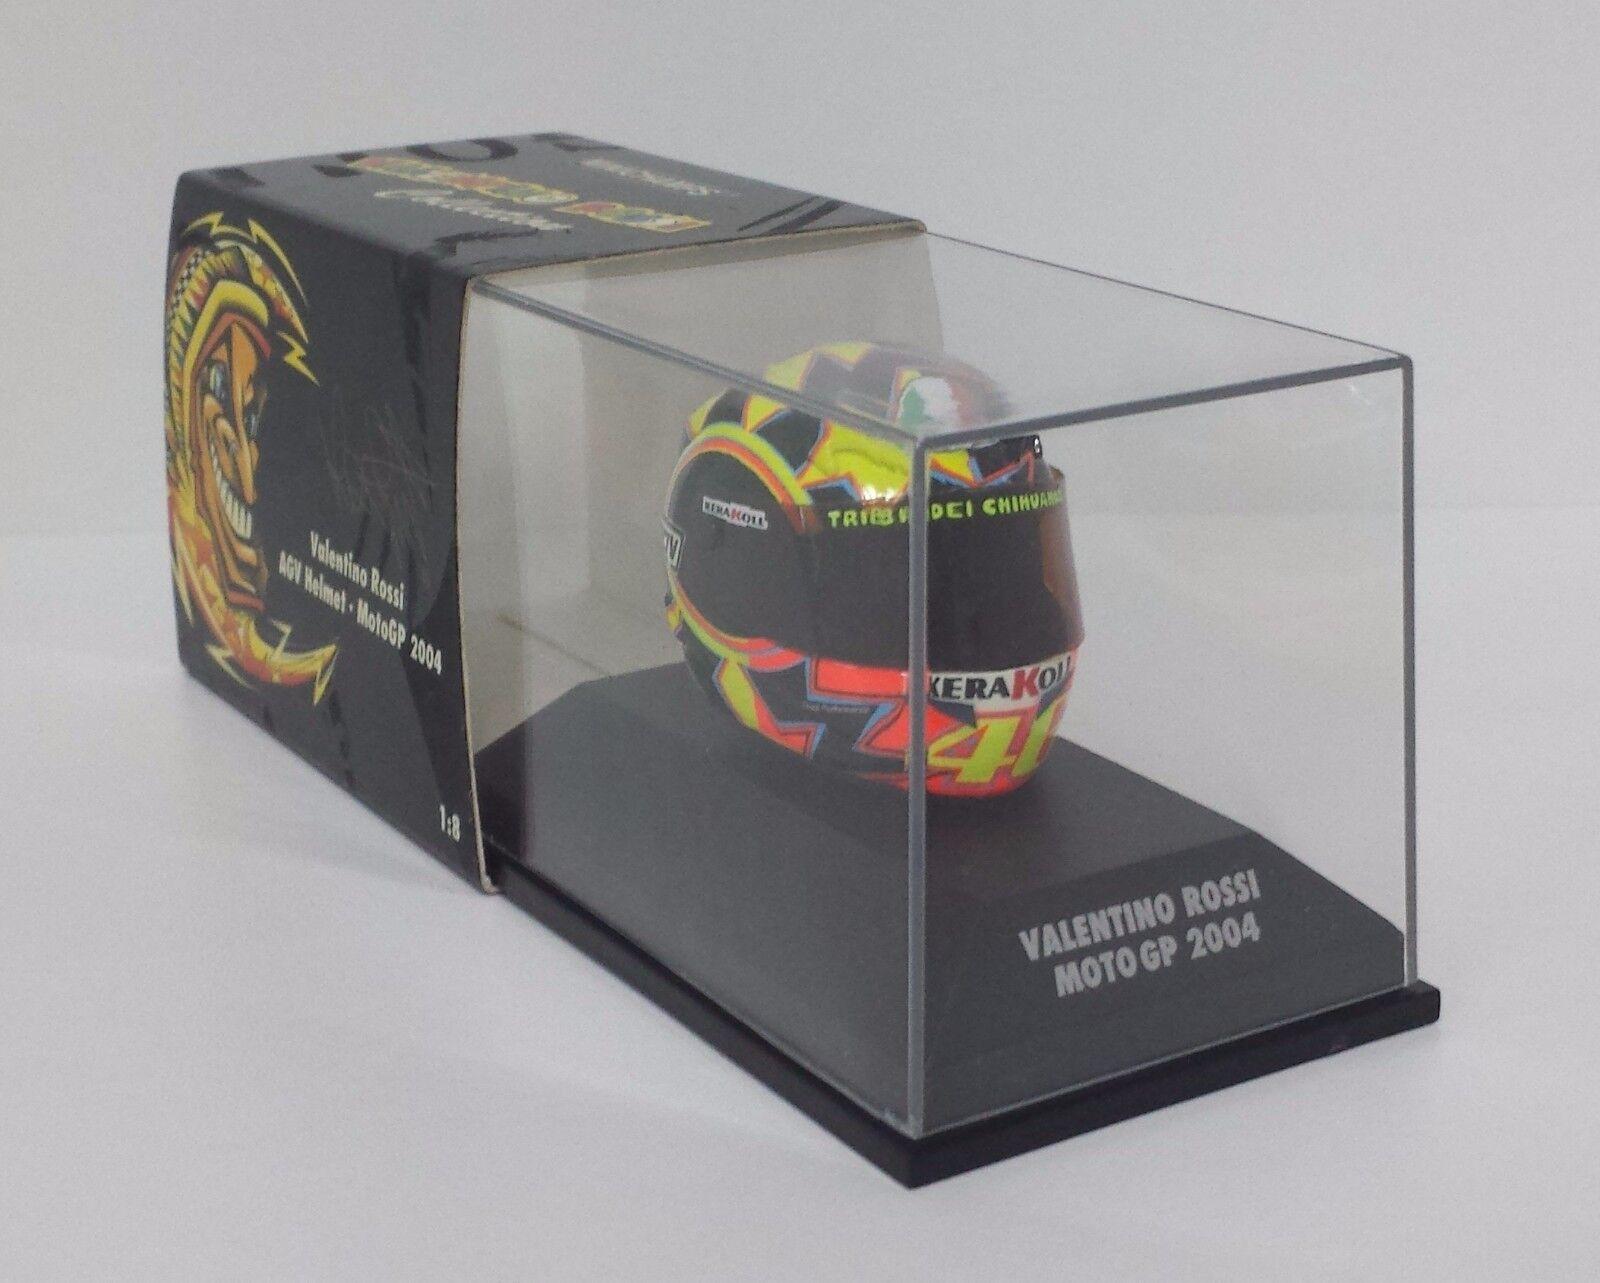 Minichamps Valentino Rossi  Modèle AGV Casque Helmet 1 8 Moto Gp 2004 nouveau Rare  jusqu'à 65% de réduction